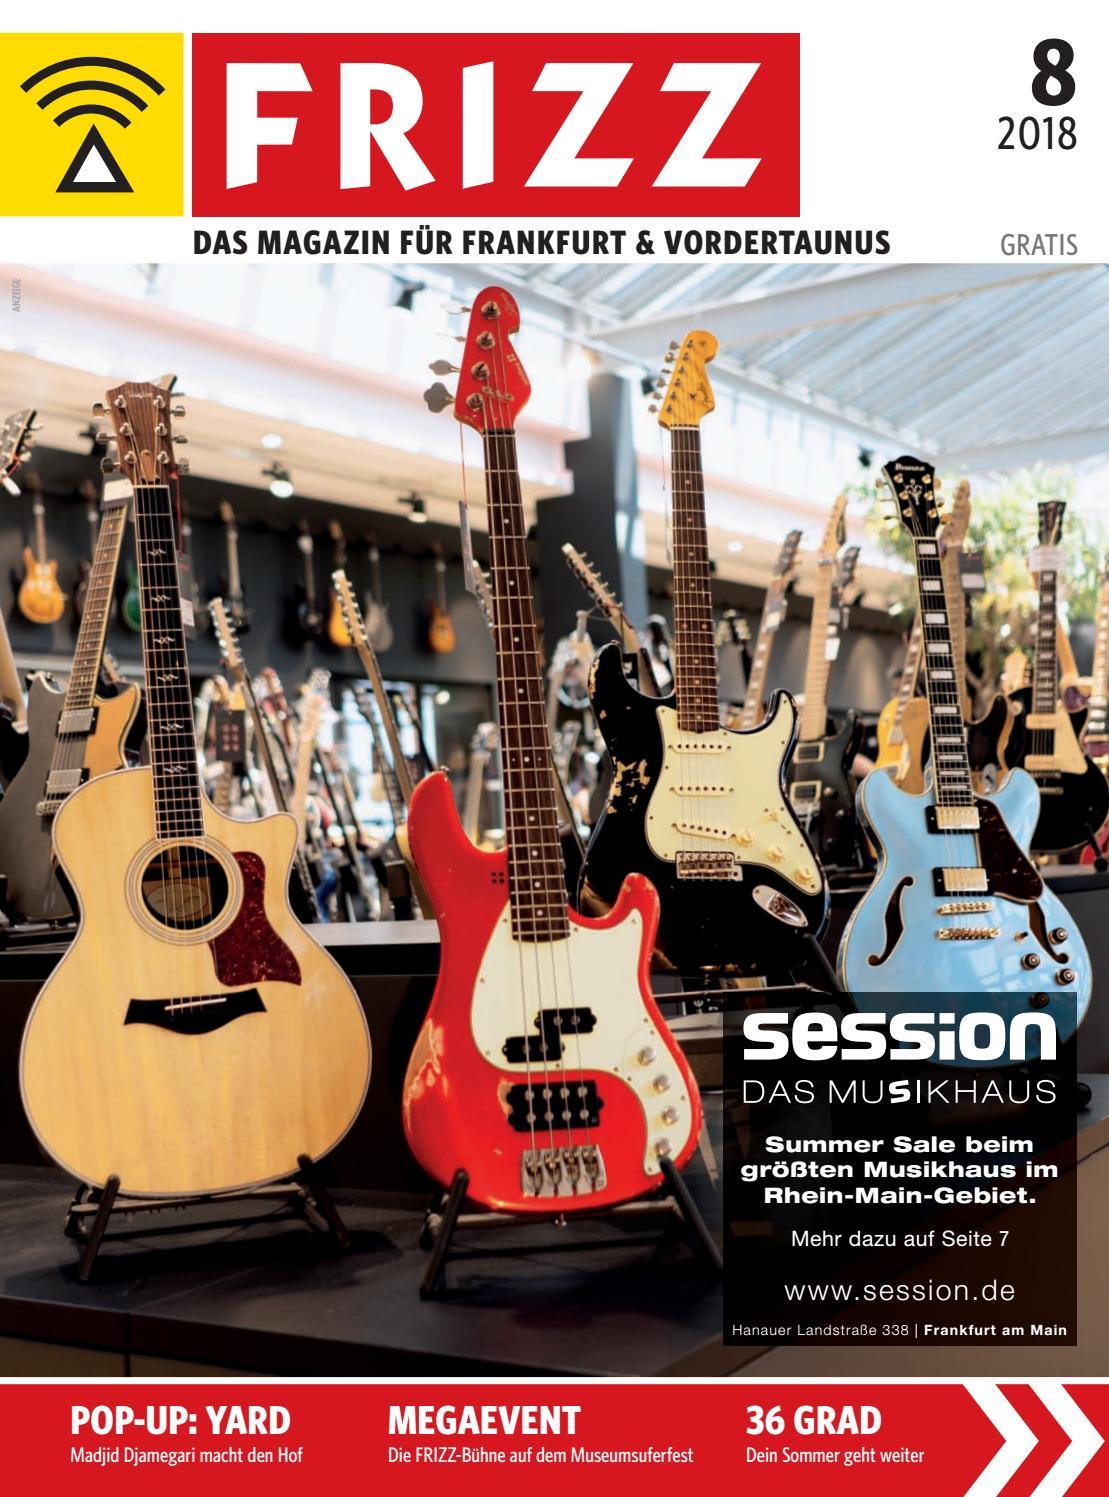 Frizz Das Magazin Frankfurt August 2018 By Frizz Frankfurt Issuu